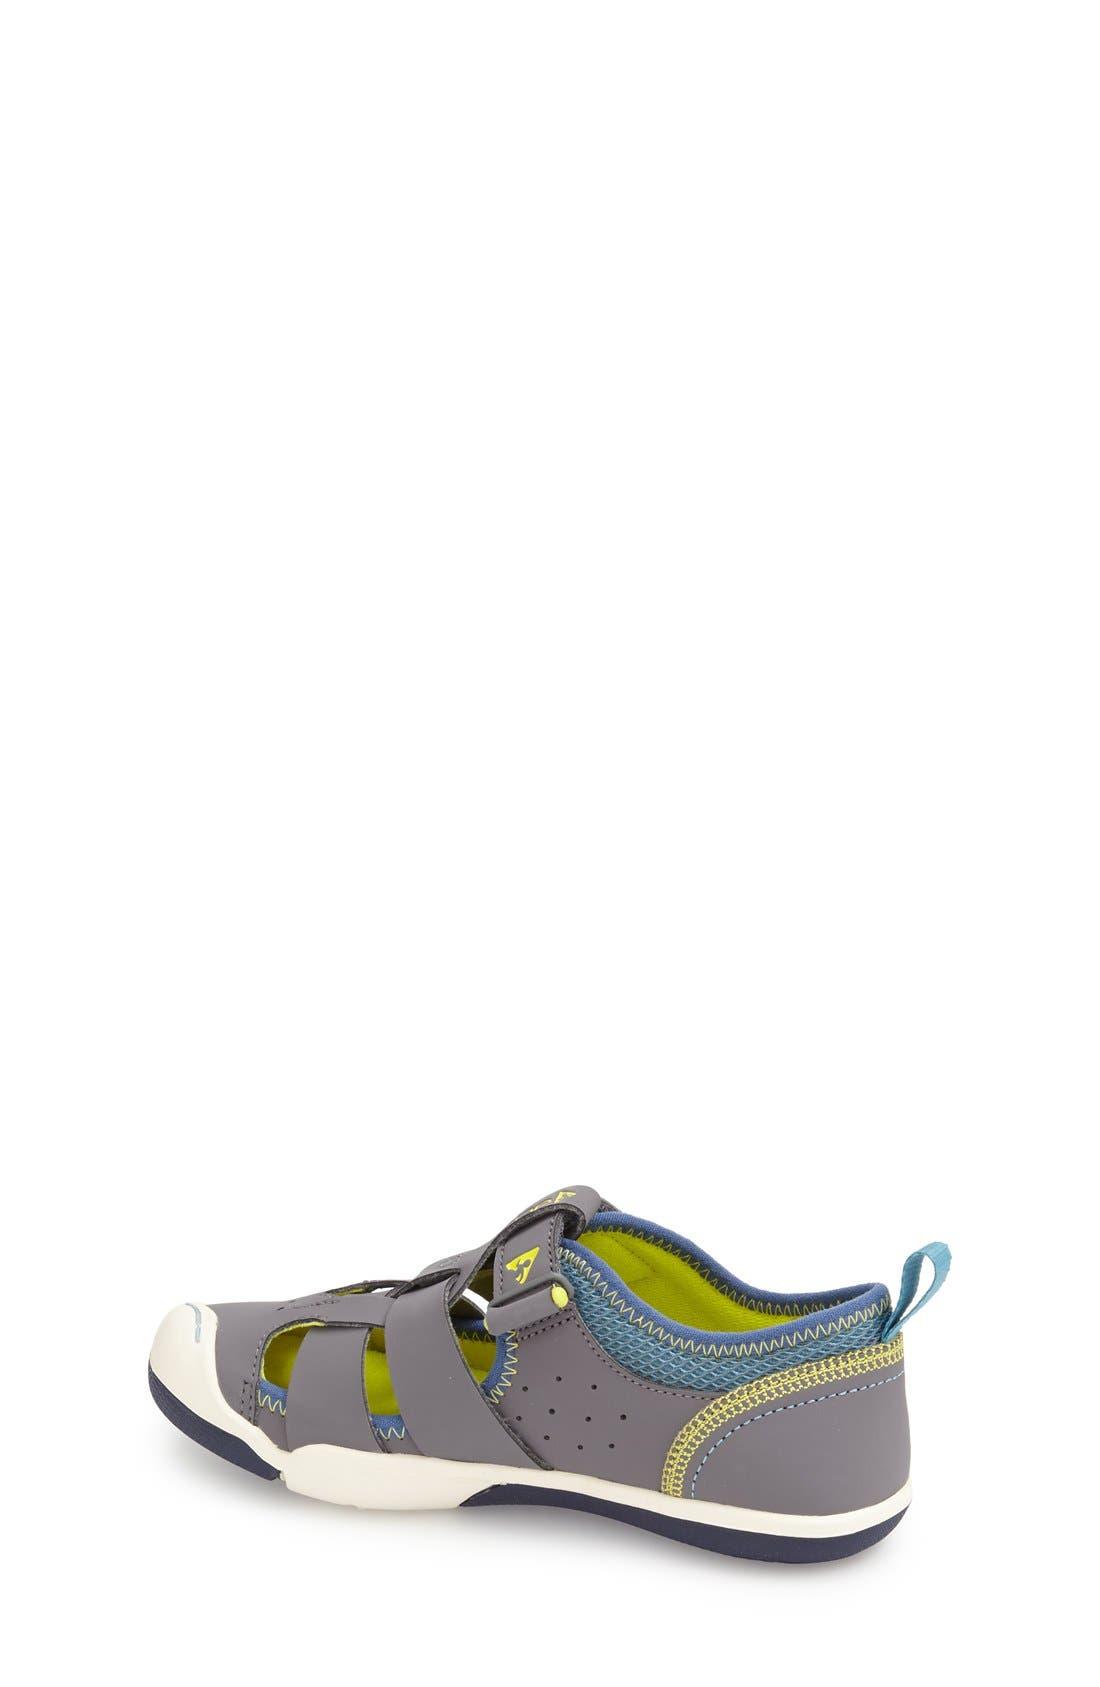 Sam Customizable Sneaker,                             Alternate thumbnail 2, color,                             STEEL